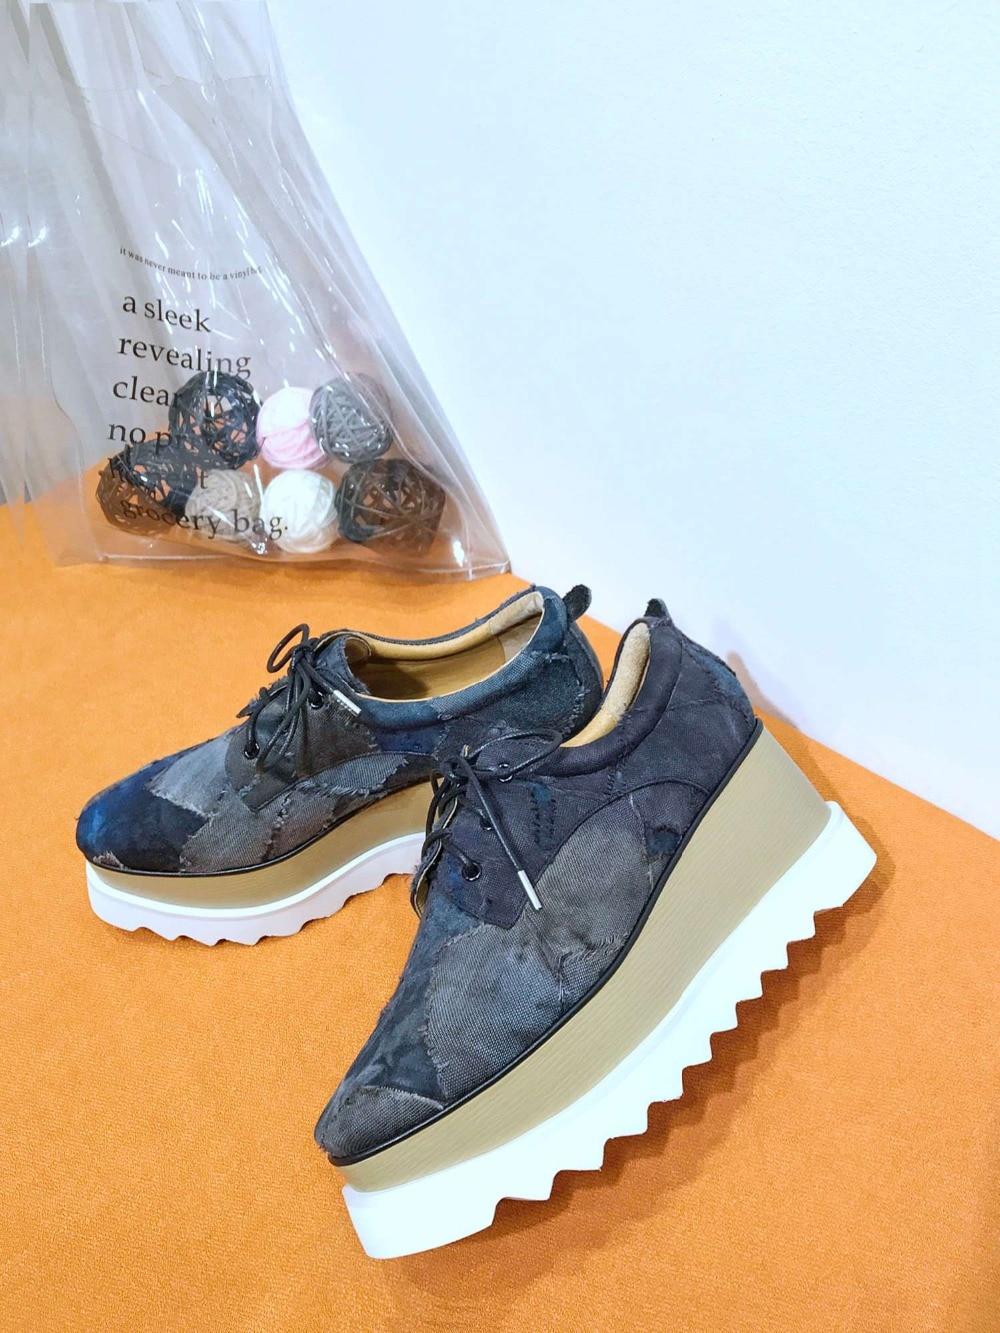 Женская обувь; коллекция 2019 года; зимняя теплая женская обувь на плоской подошве, увеличивающая рост; Повседневные Вечерние туфли на плоско... - 4